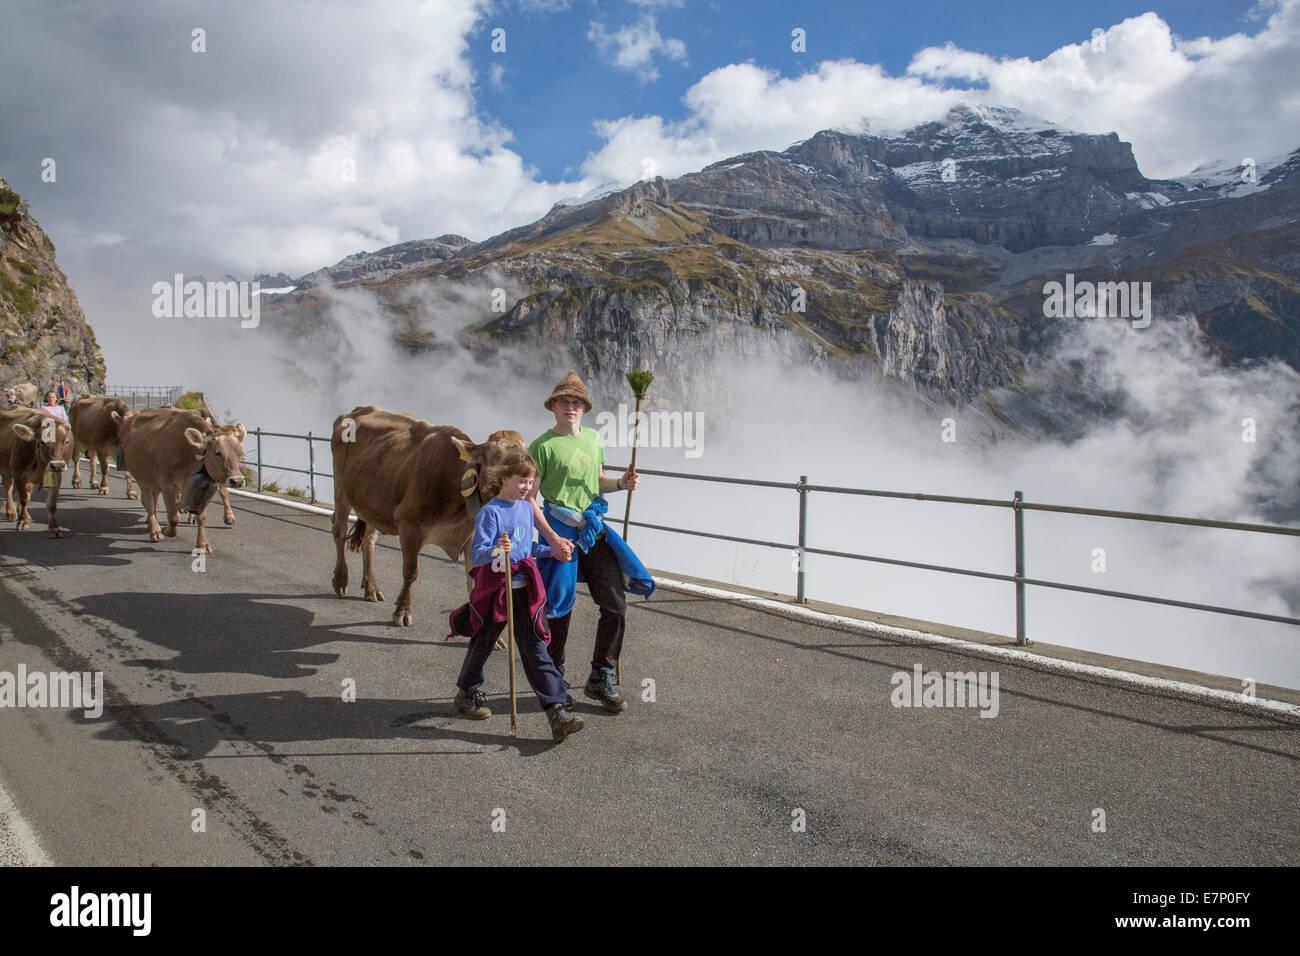 Klausenpass, UR, Alpes, nuages, nuage, montagne, montagnes, automne, vache, vaches, de l'agriculture, la Suisse, Photo Stock